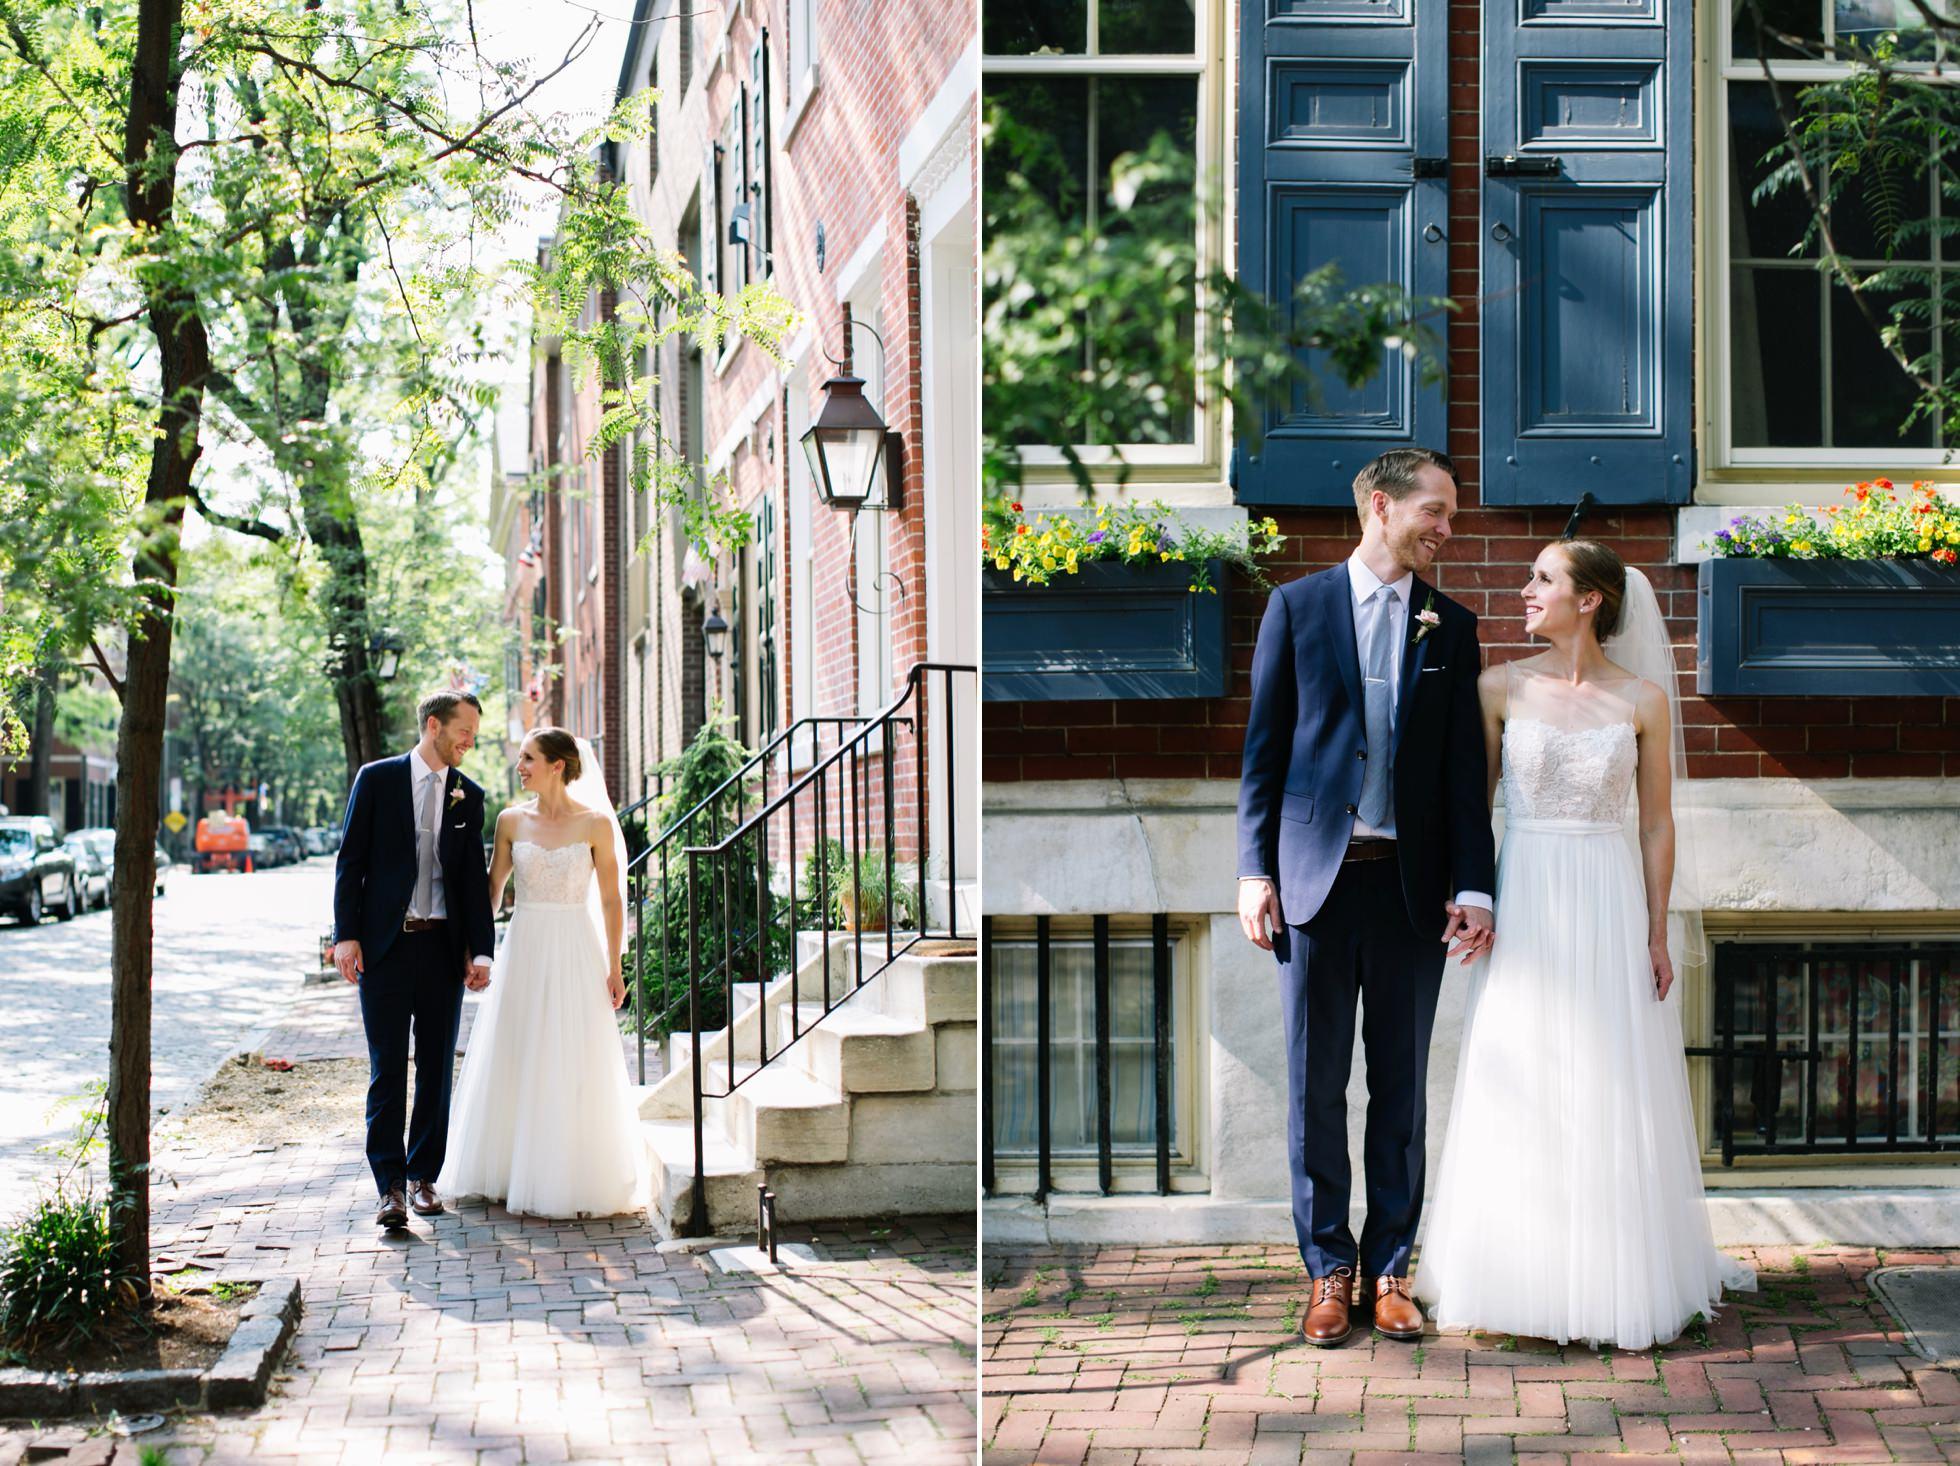 Romantic Bartram's Garden Outdoor Summer Wedding, Philadelphia | brittneyraine.com 054